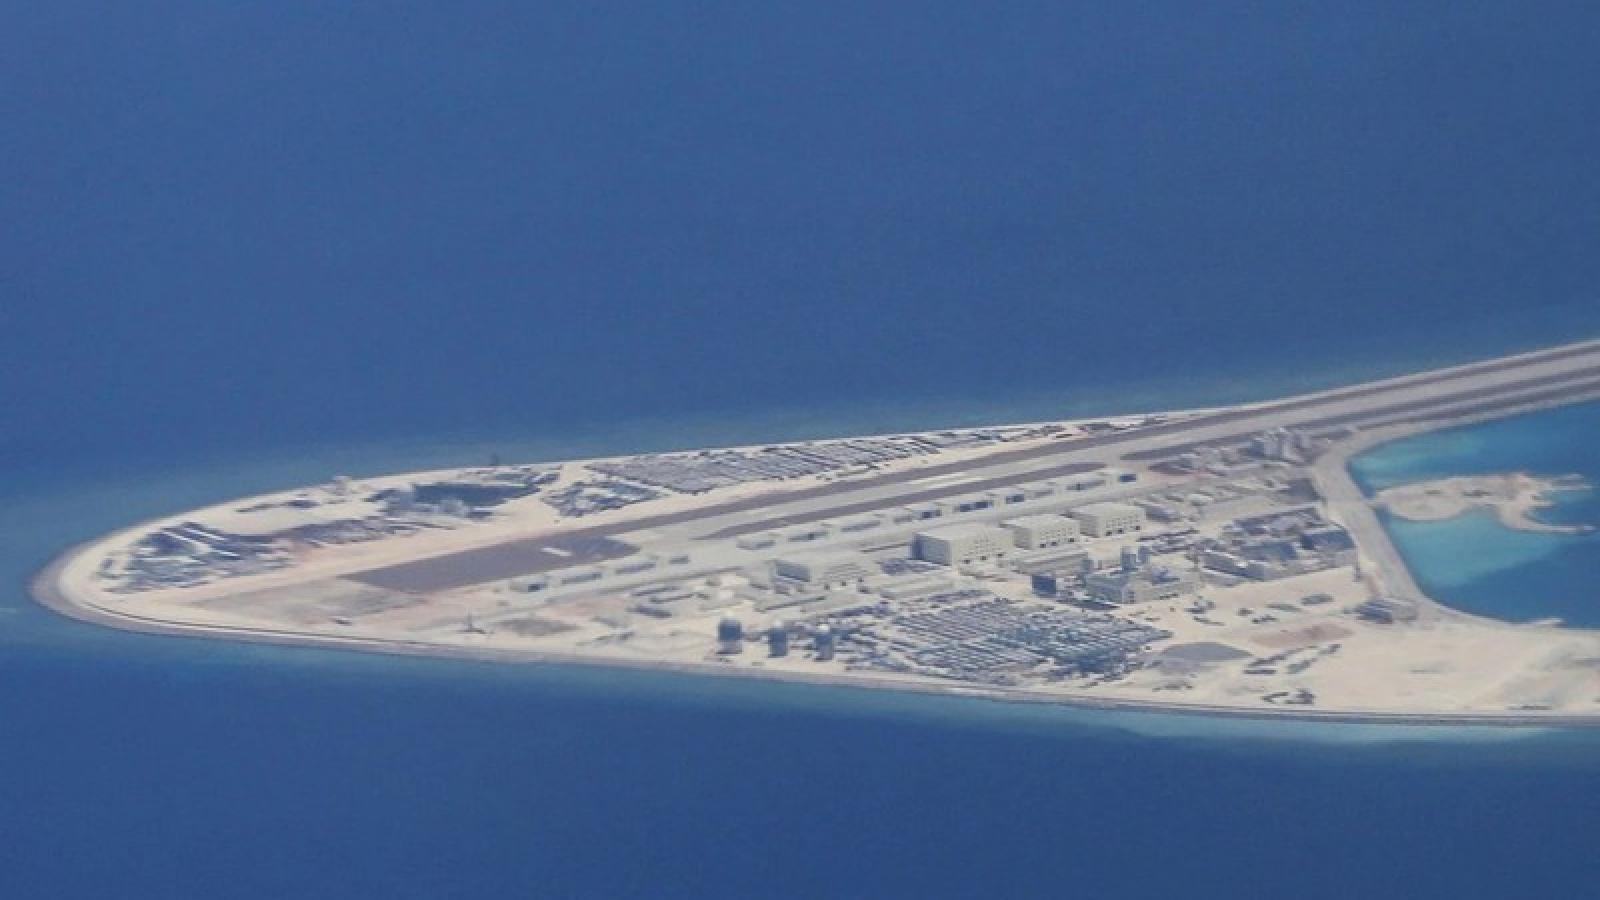 Trung Quốc phản ứng khi Australia gửi công hàm về Biển Đông lên LHQ